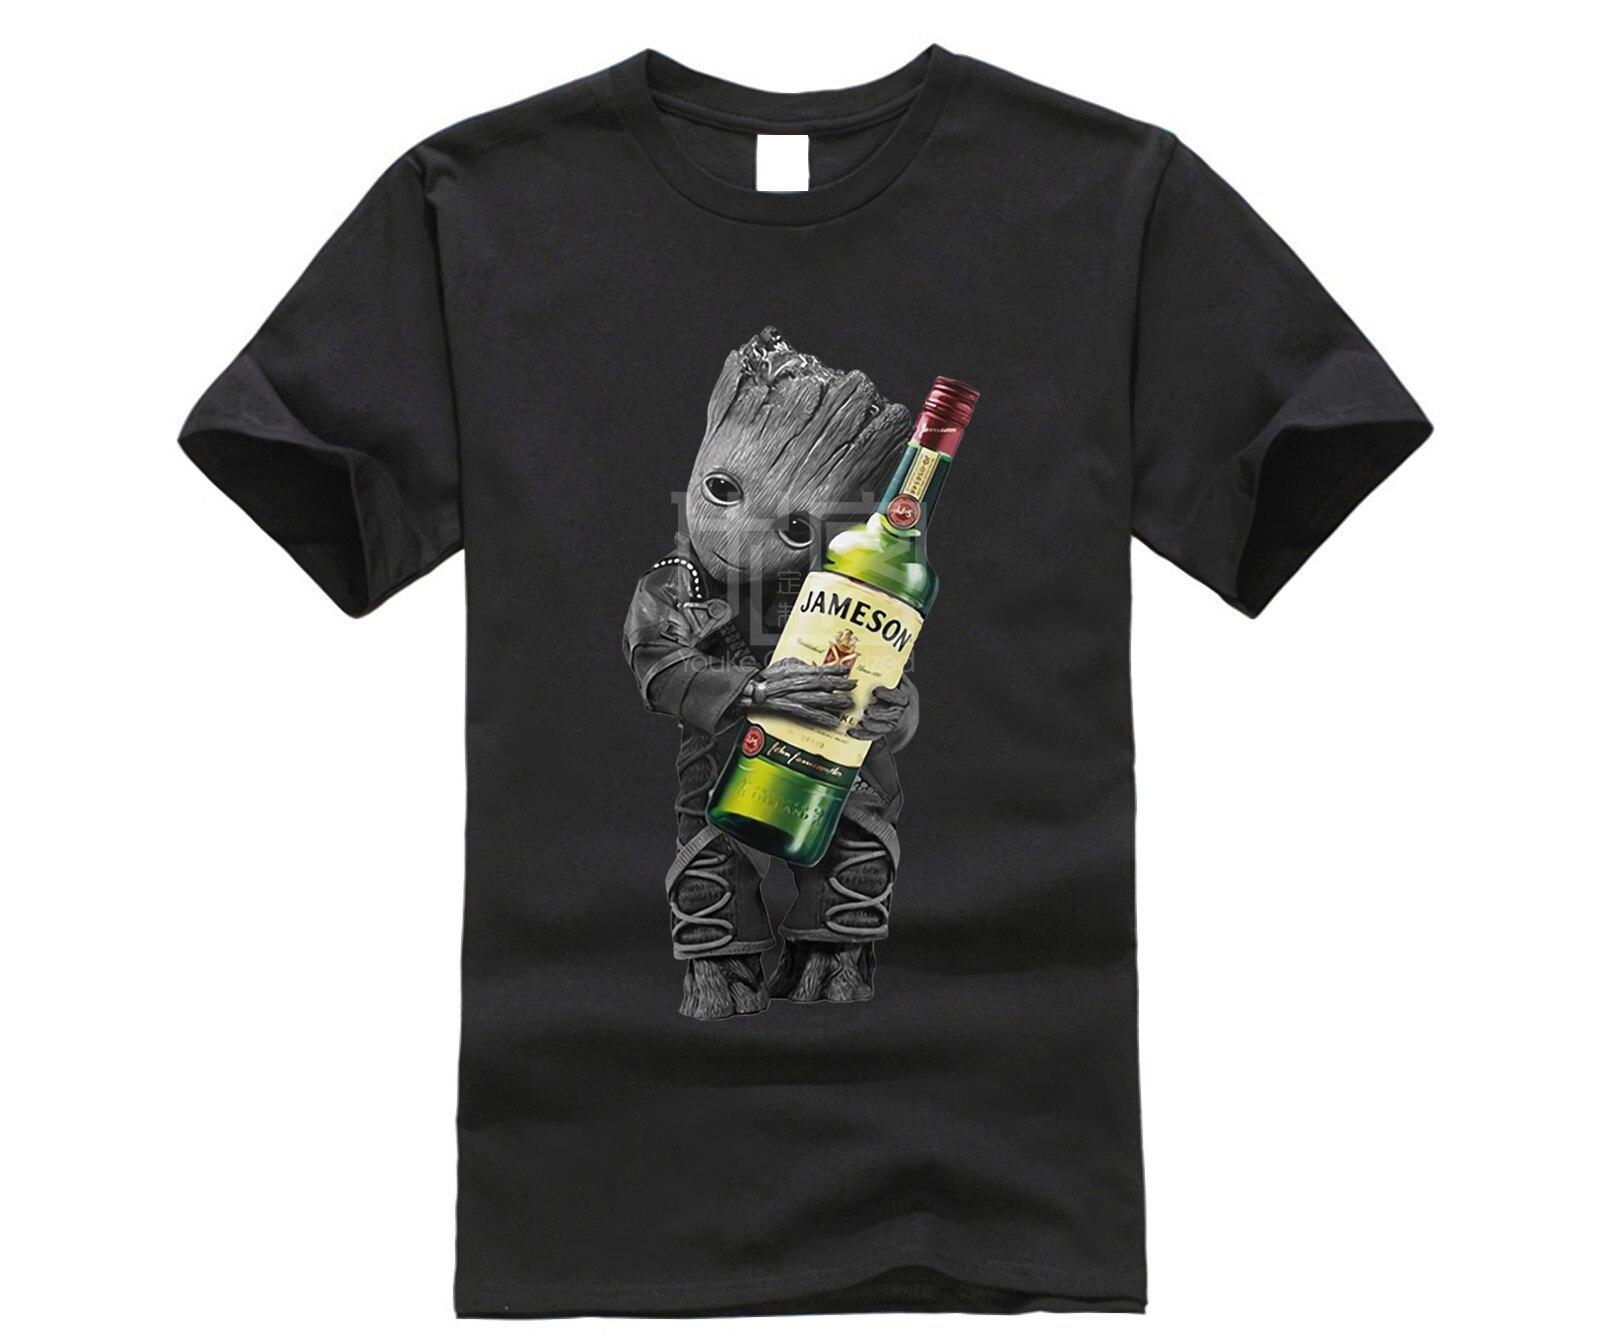 Baby Groot Hug Jameson Wine T Shirt Classic Style T-shirt Winner Tee Men Brand Clothing